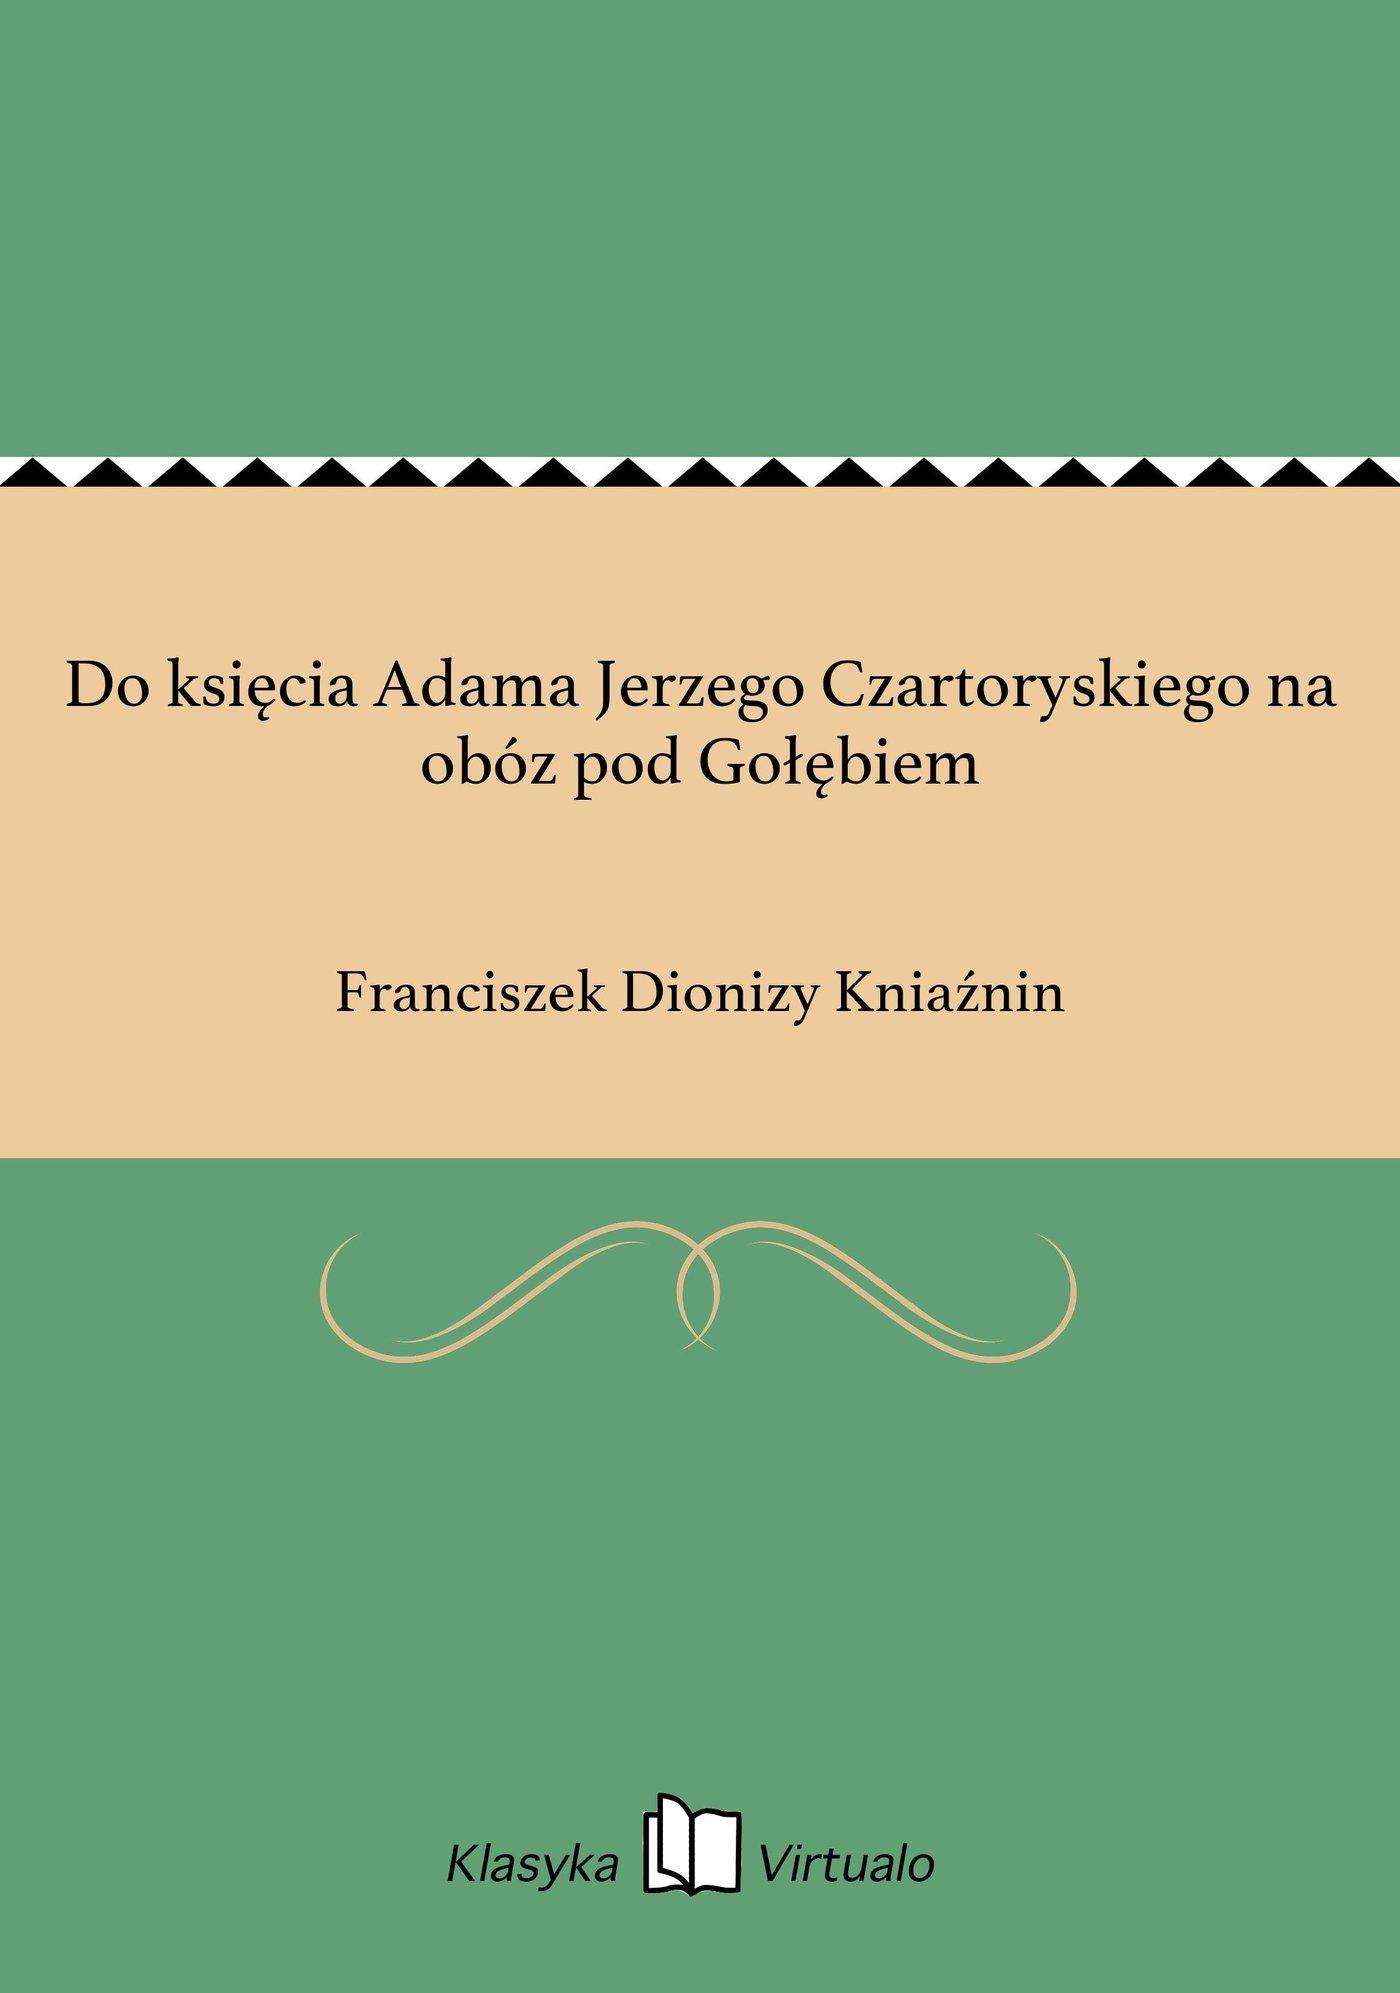 Do księcia Adama Jerzego Czartoryskiego na obóz pod Gołębiem - Ebook (Książka EPUB) do pobrania w formacie EPUB